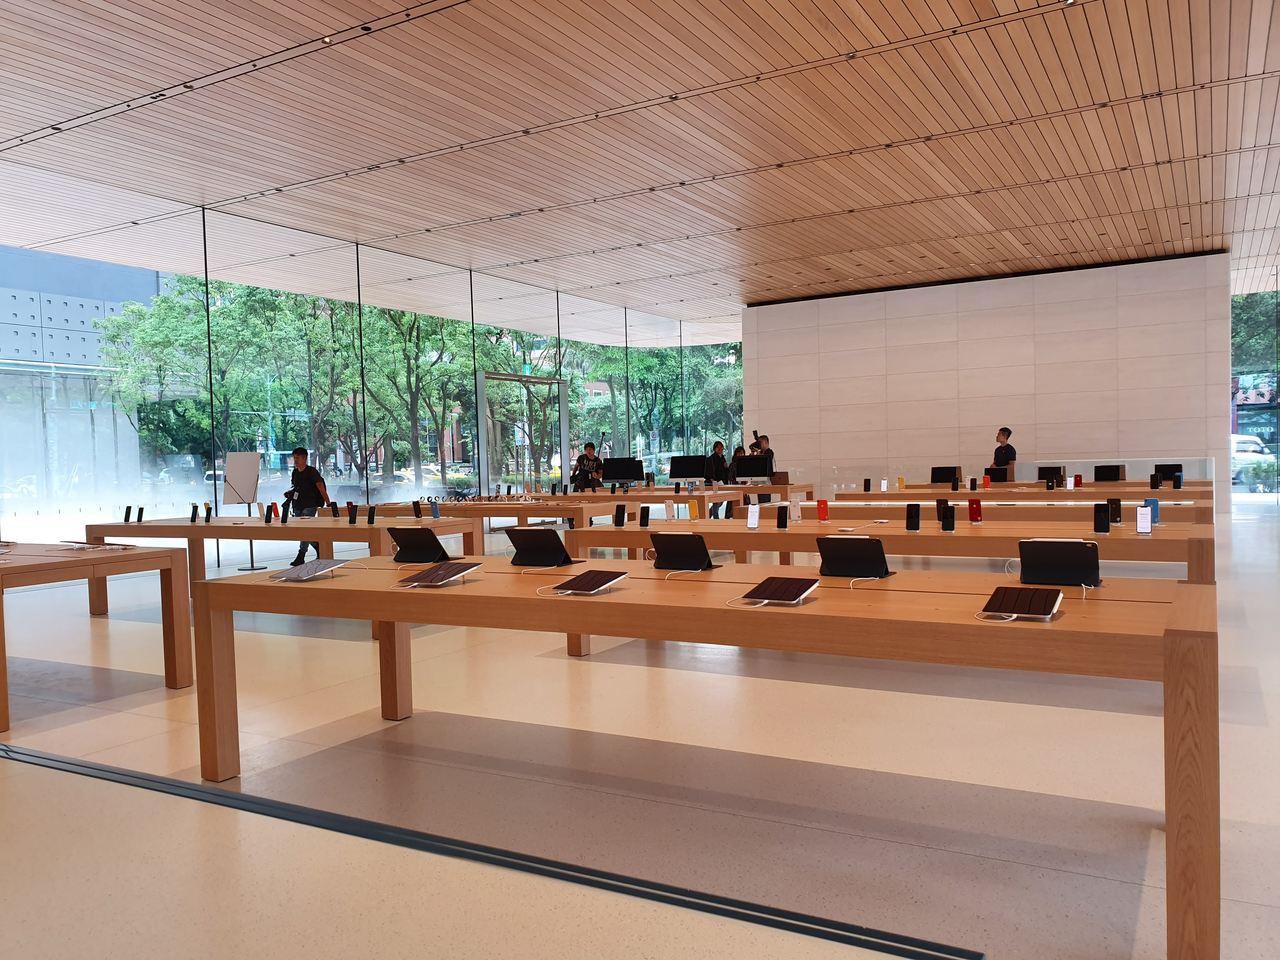 店內一樓空間展示了完整產品系列,包括iPhone、iPad、Apple Watc...